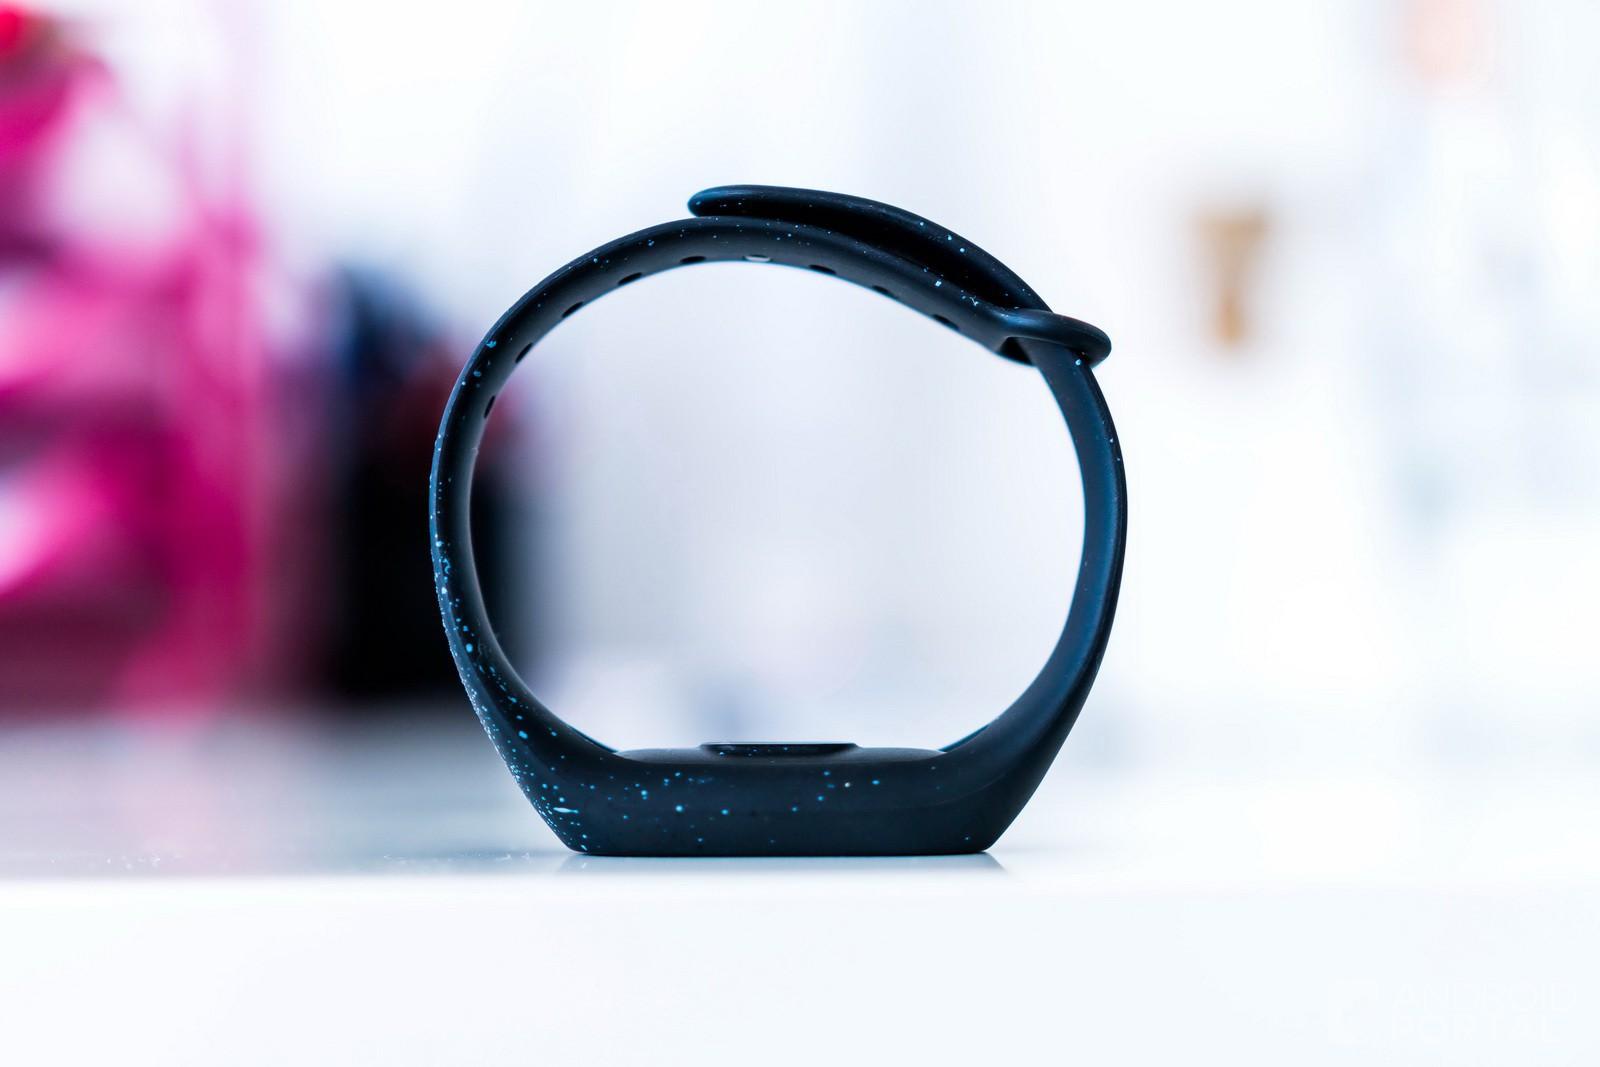 xiaomi-mi-band-2-9